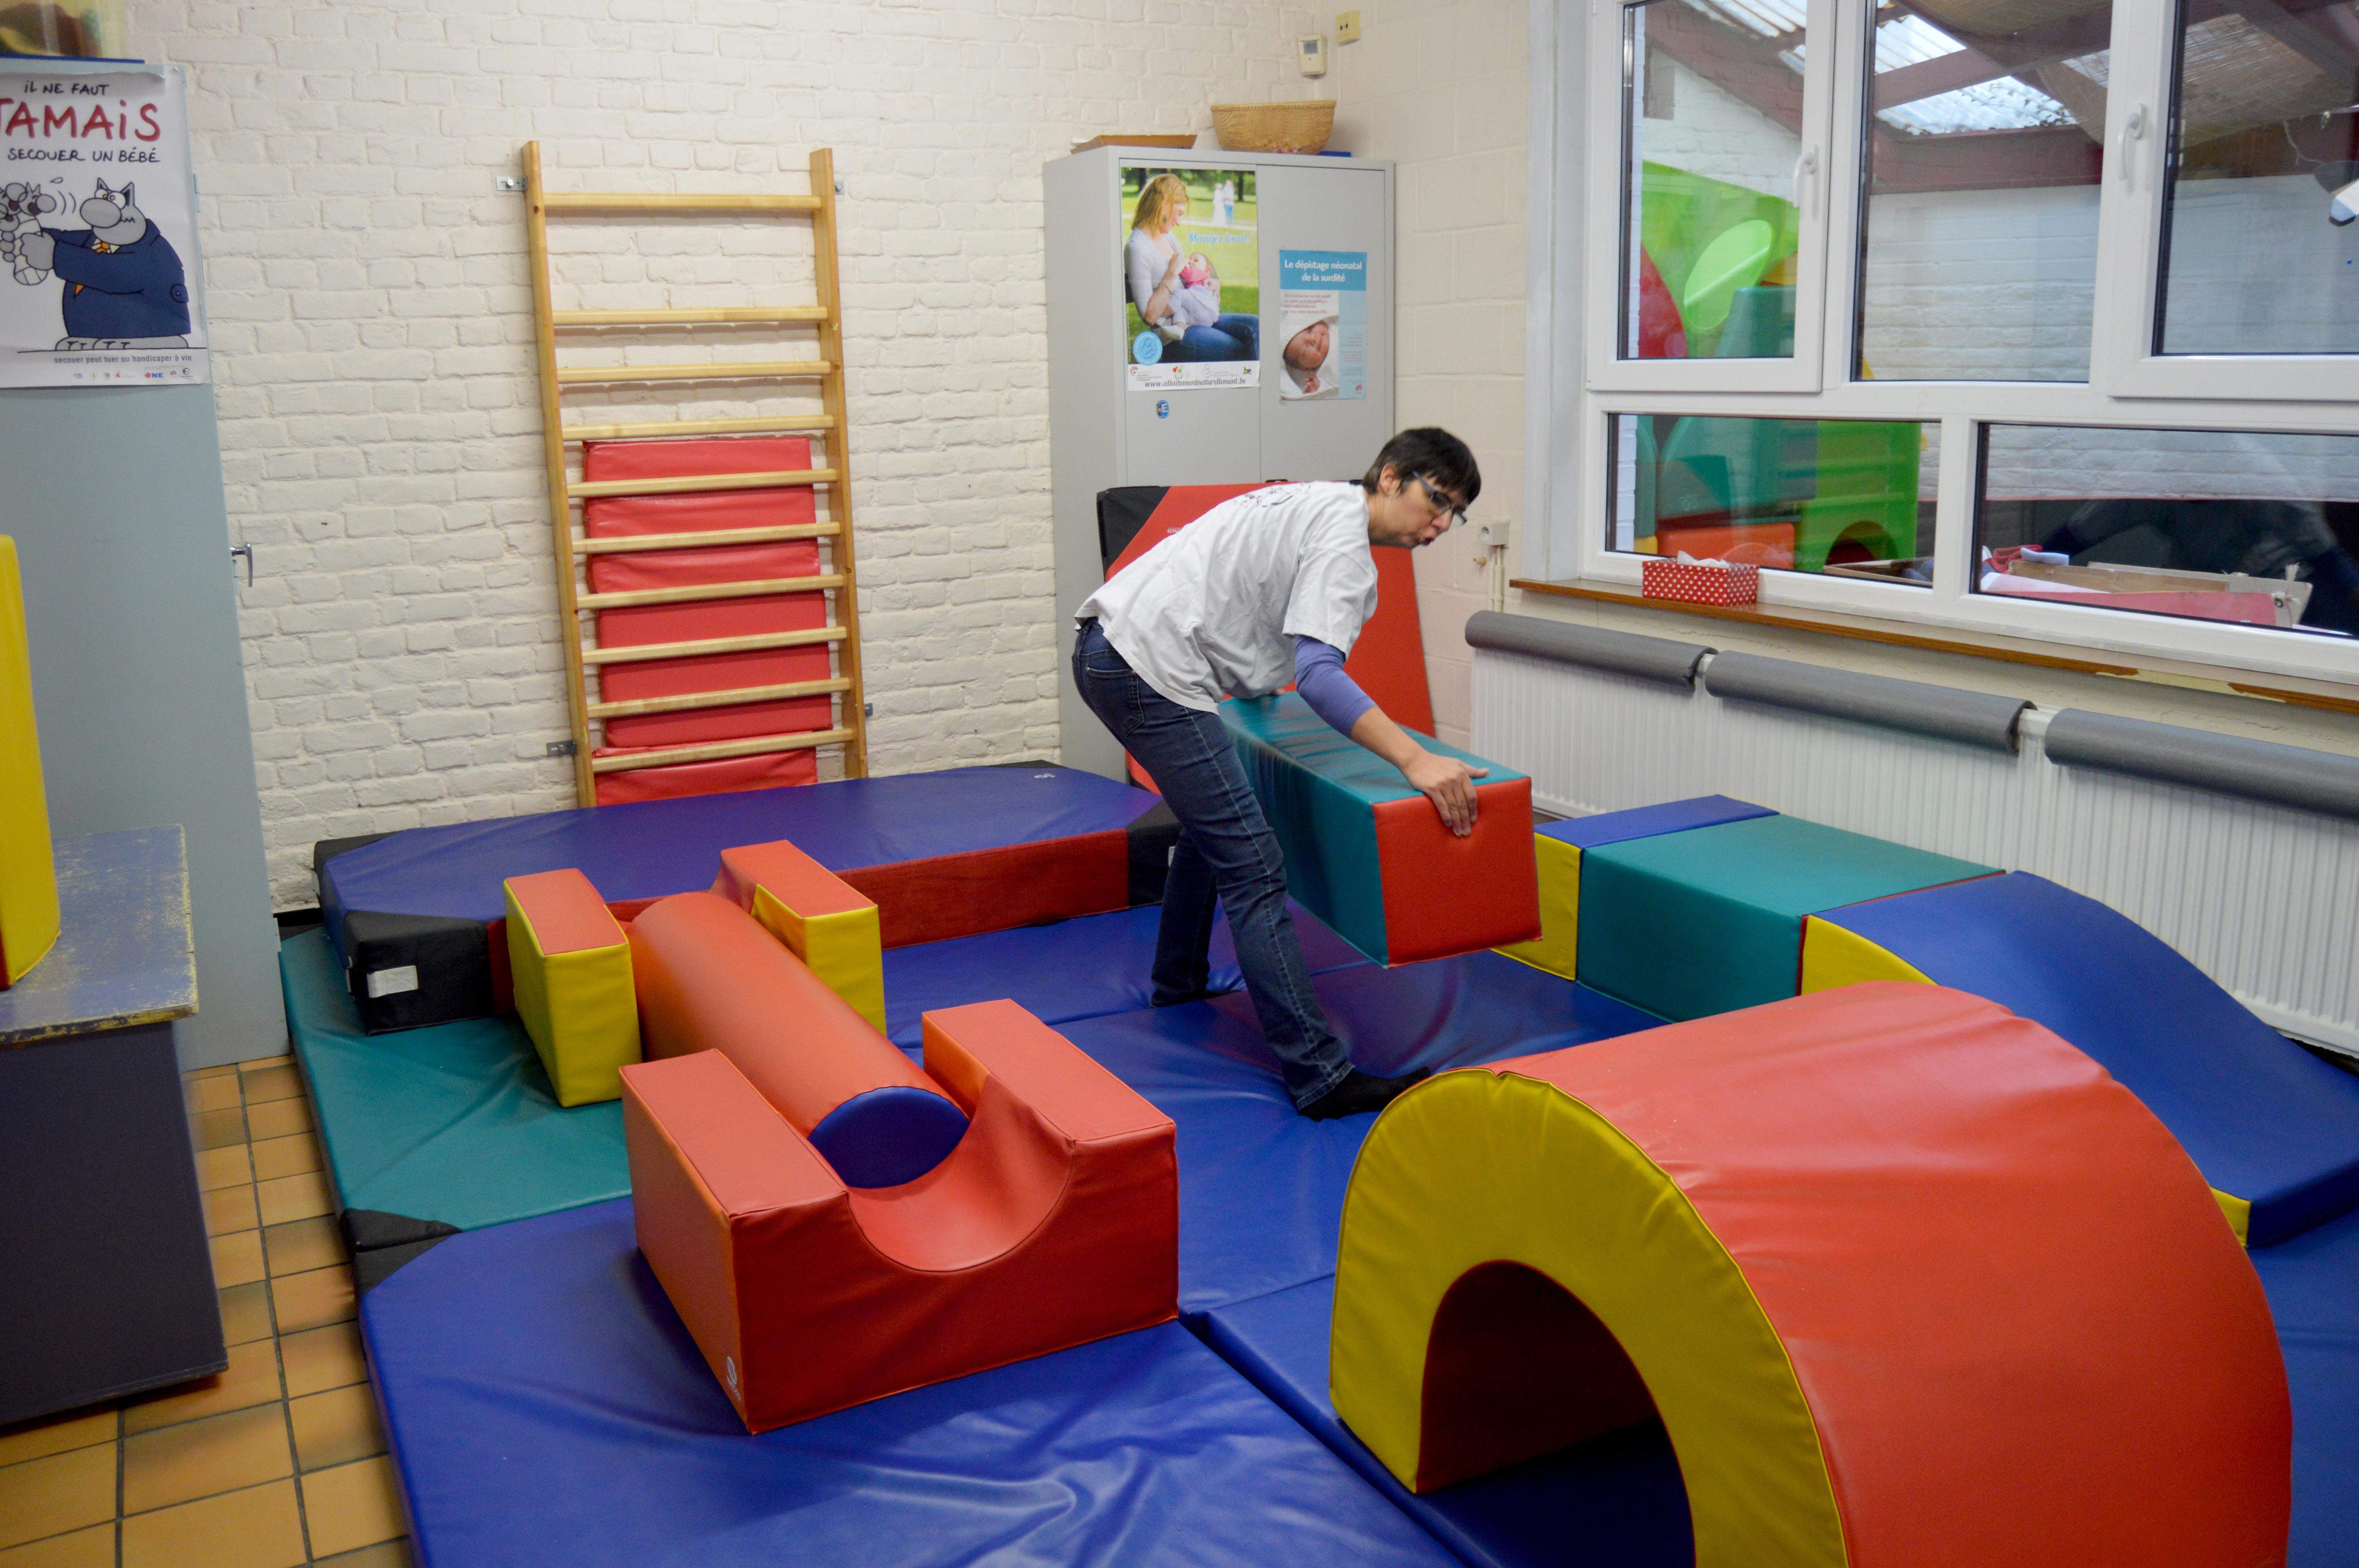 Une bénévole en train de préparer la pièce des enfants. Des toboggans, des tapis...